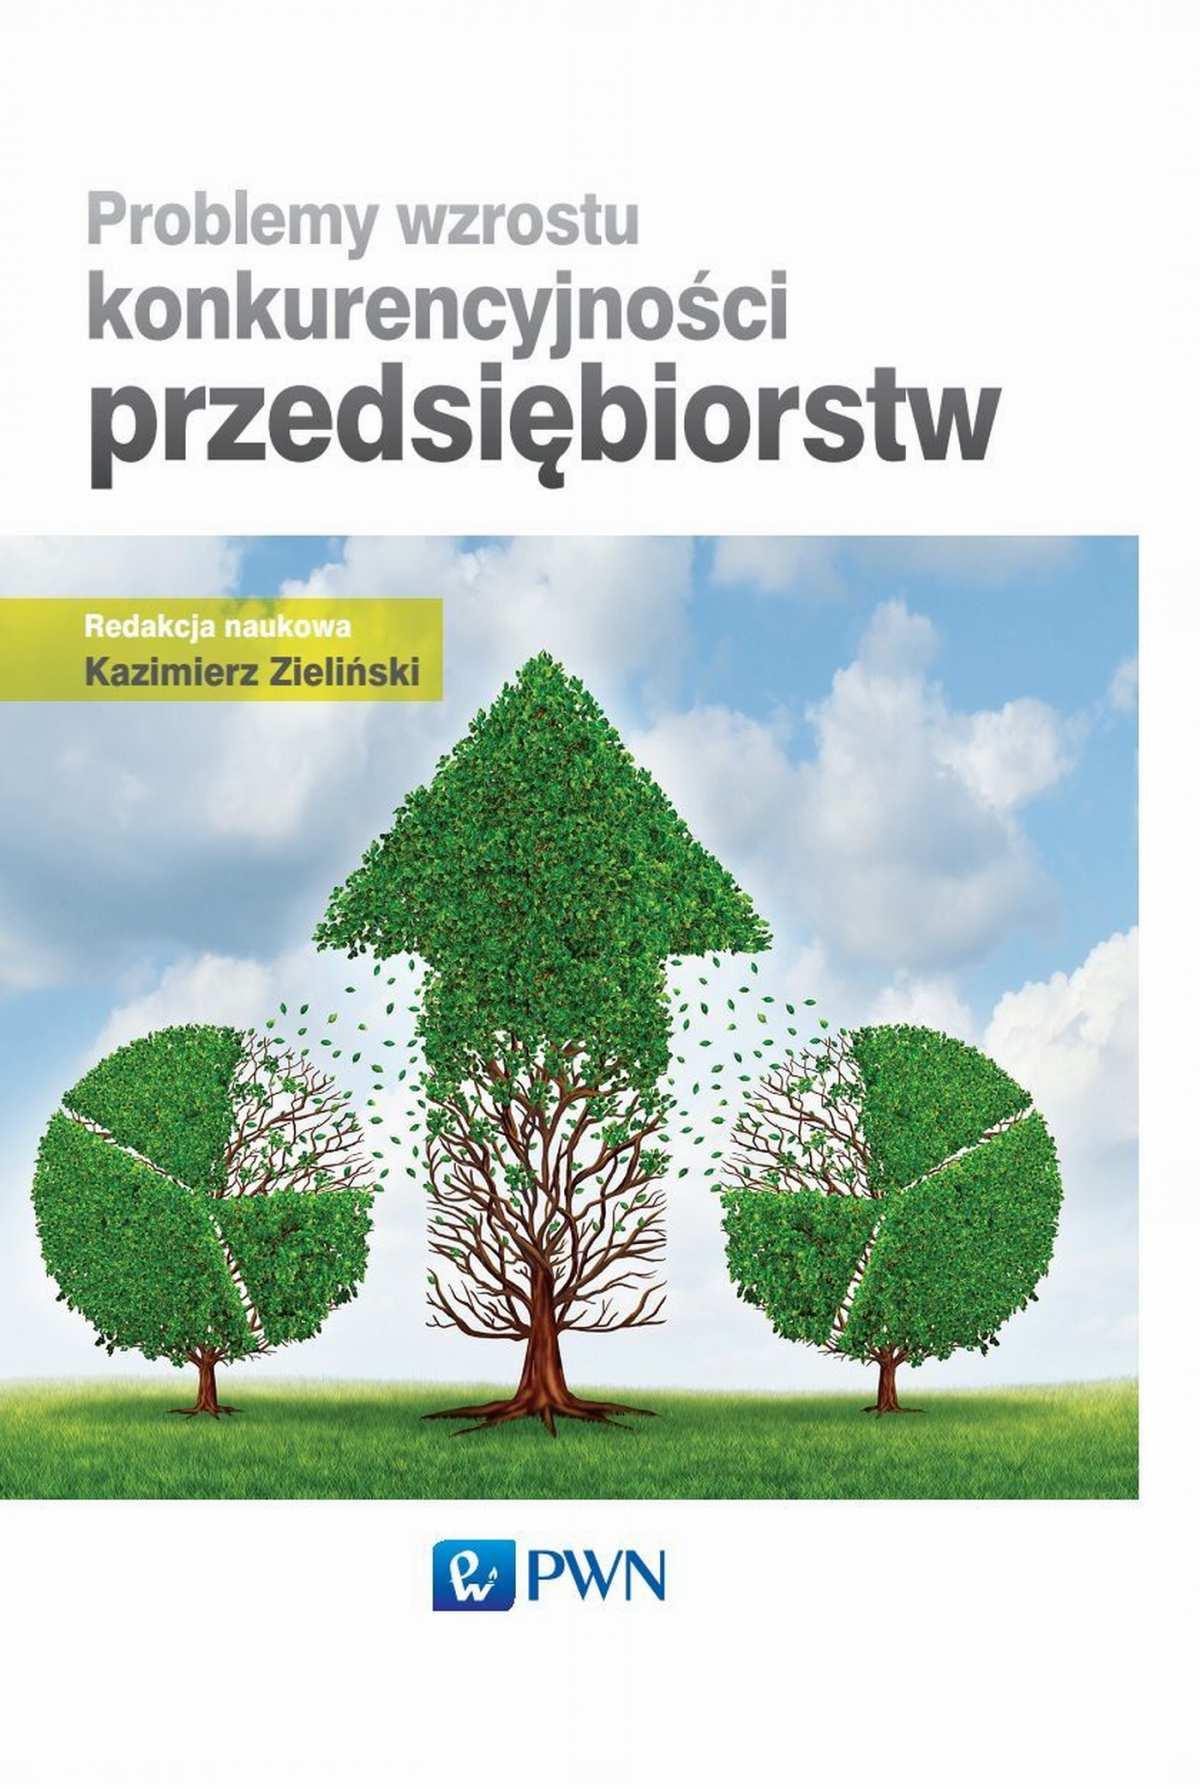 Problemy wzrostu konkurencyjności przedsiębiorstw - Ebook (Książka na Kindle) do pobrania w formacie MOBI